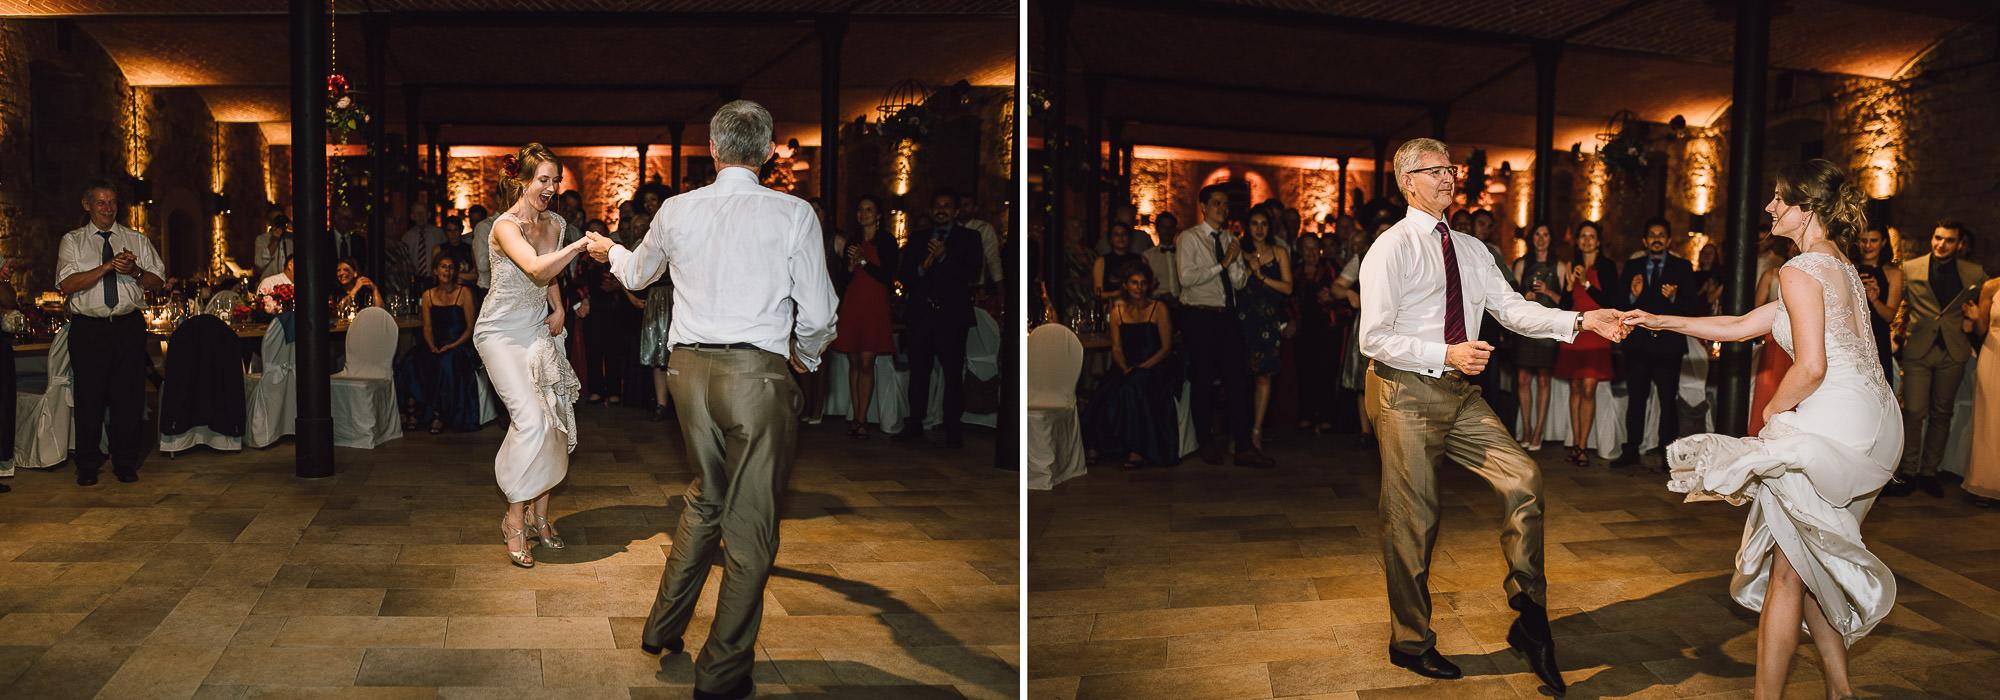 rustic-elegant-wedding-schloss-hochzeit-eyrichshof-franken-bamberg-141